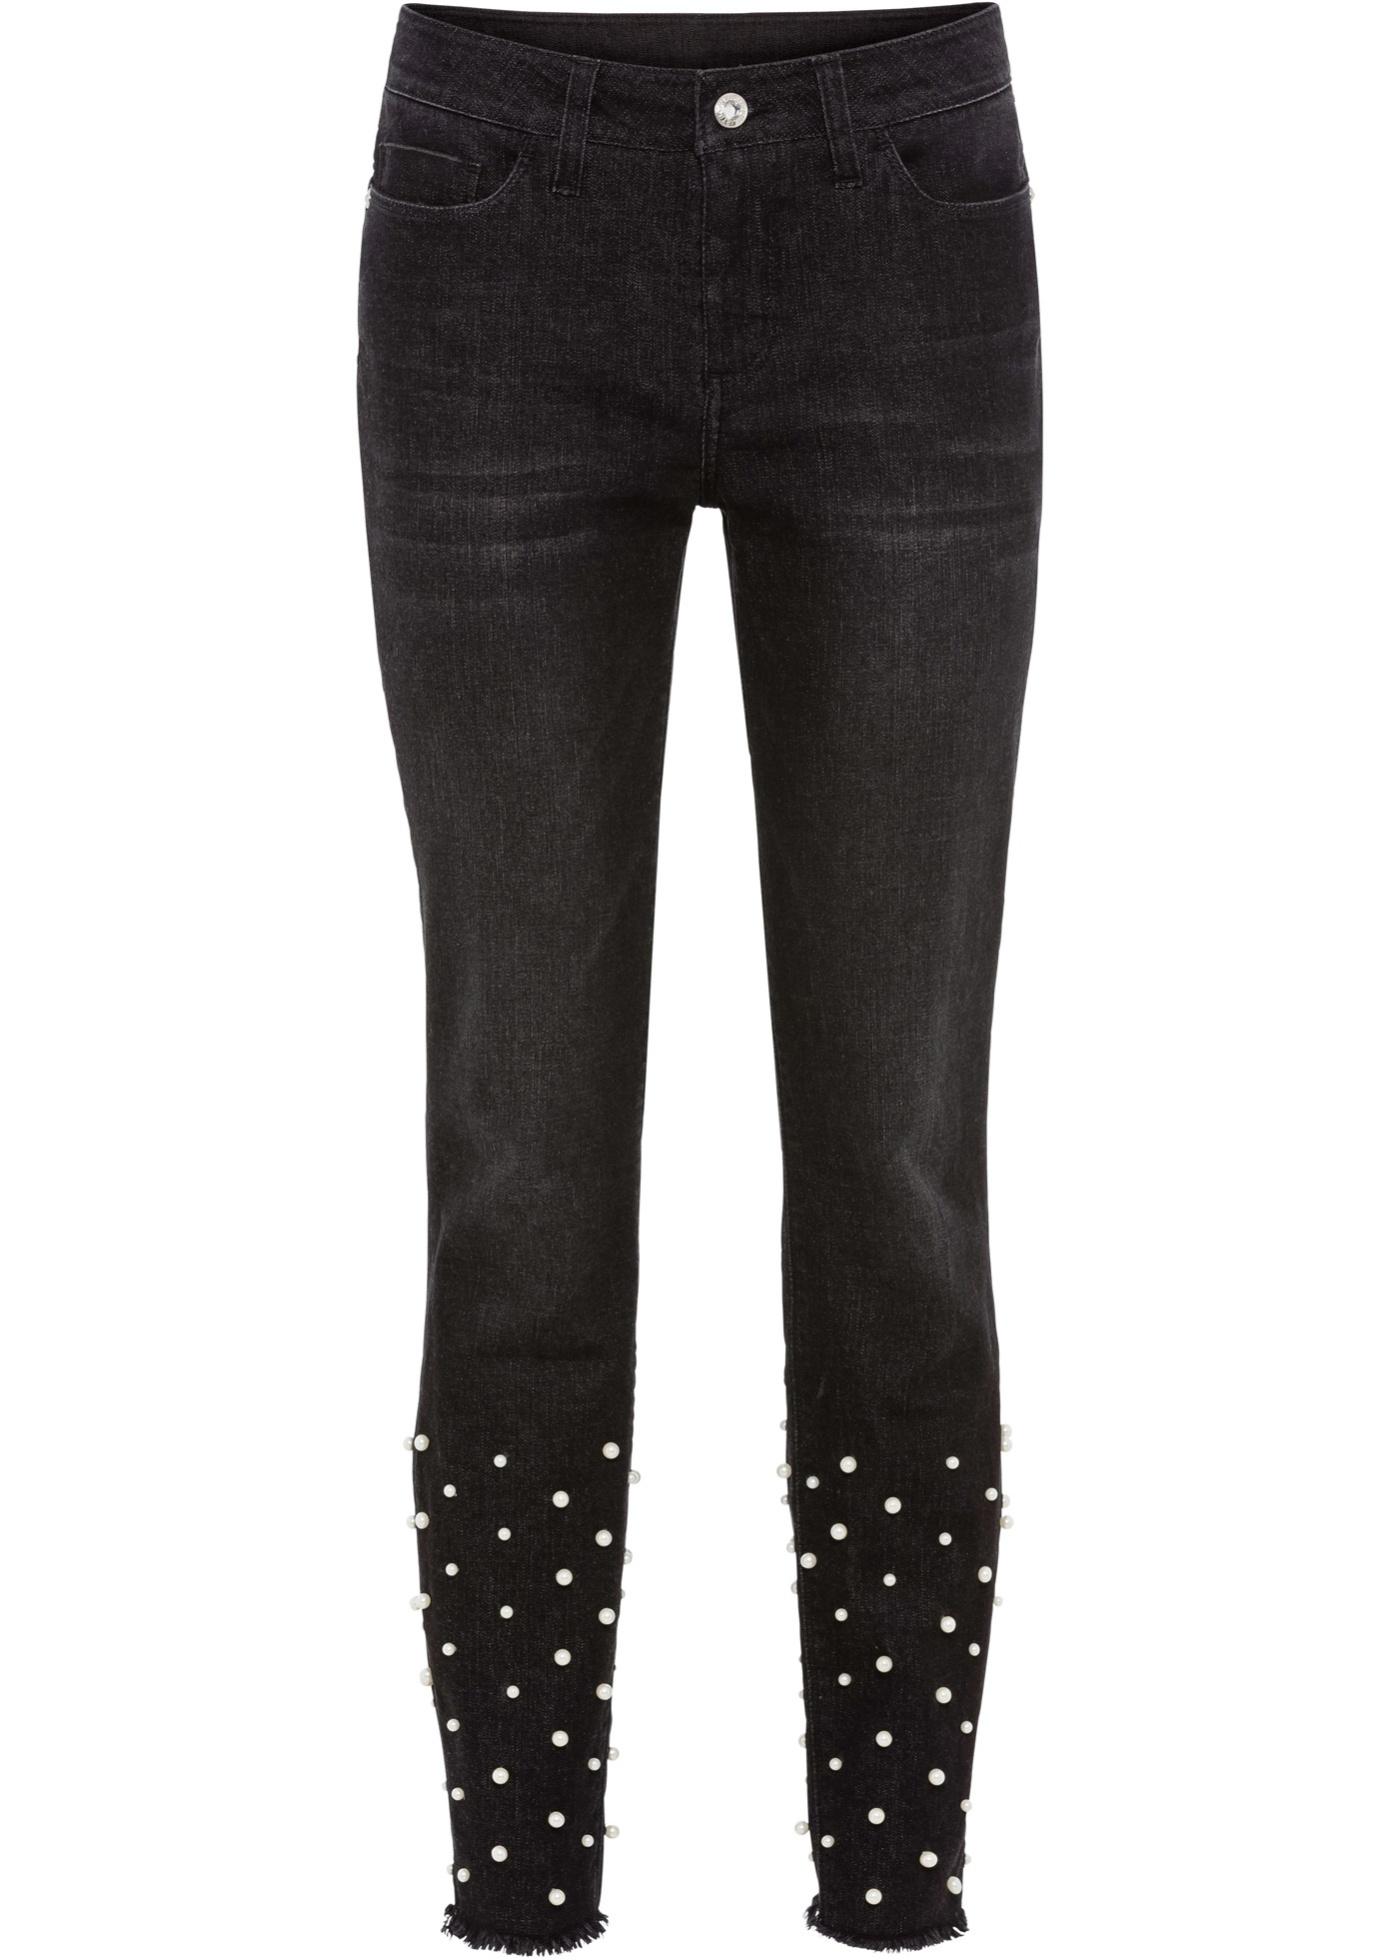 Bonprix SE - Must-have: Jeans med pärlor 199.00